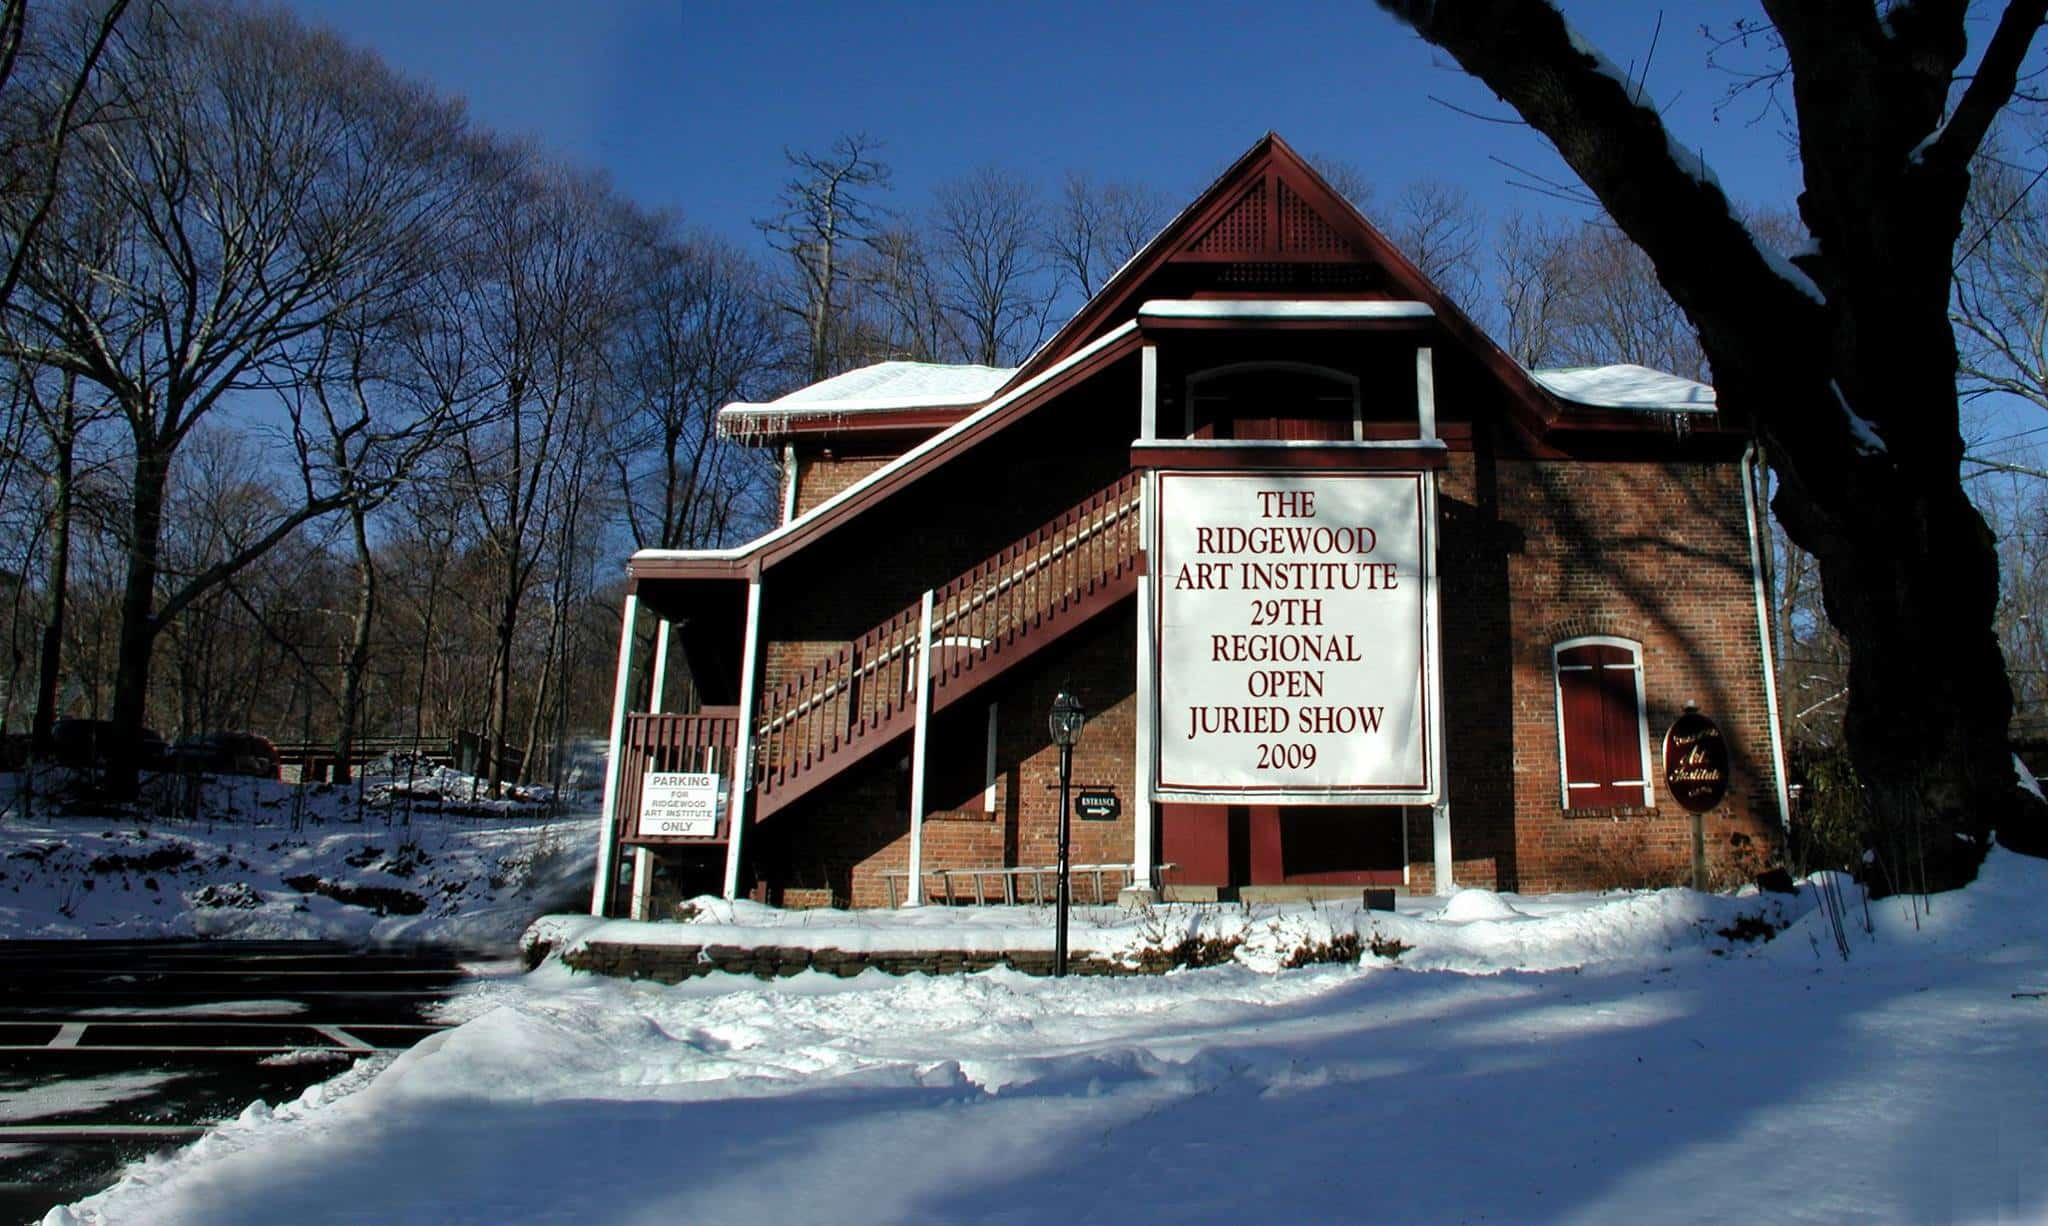 Ridgewood Art Institute